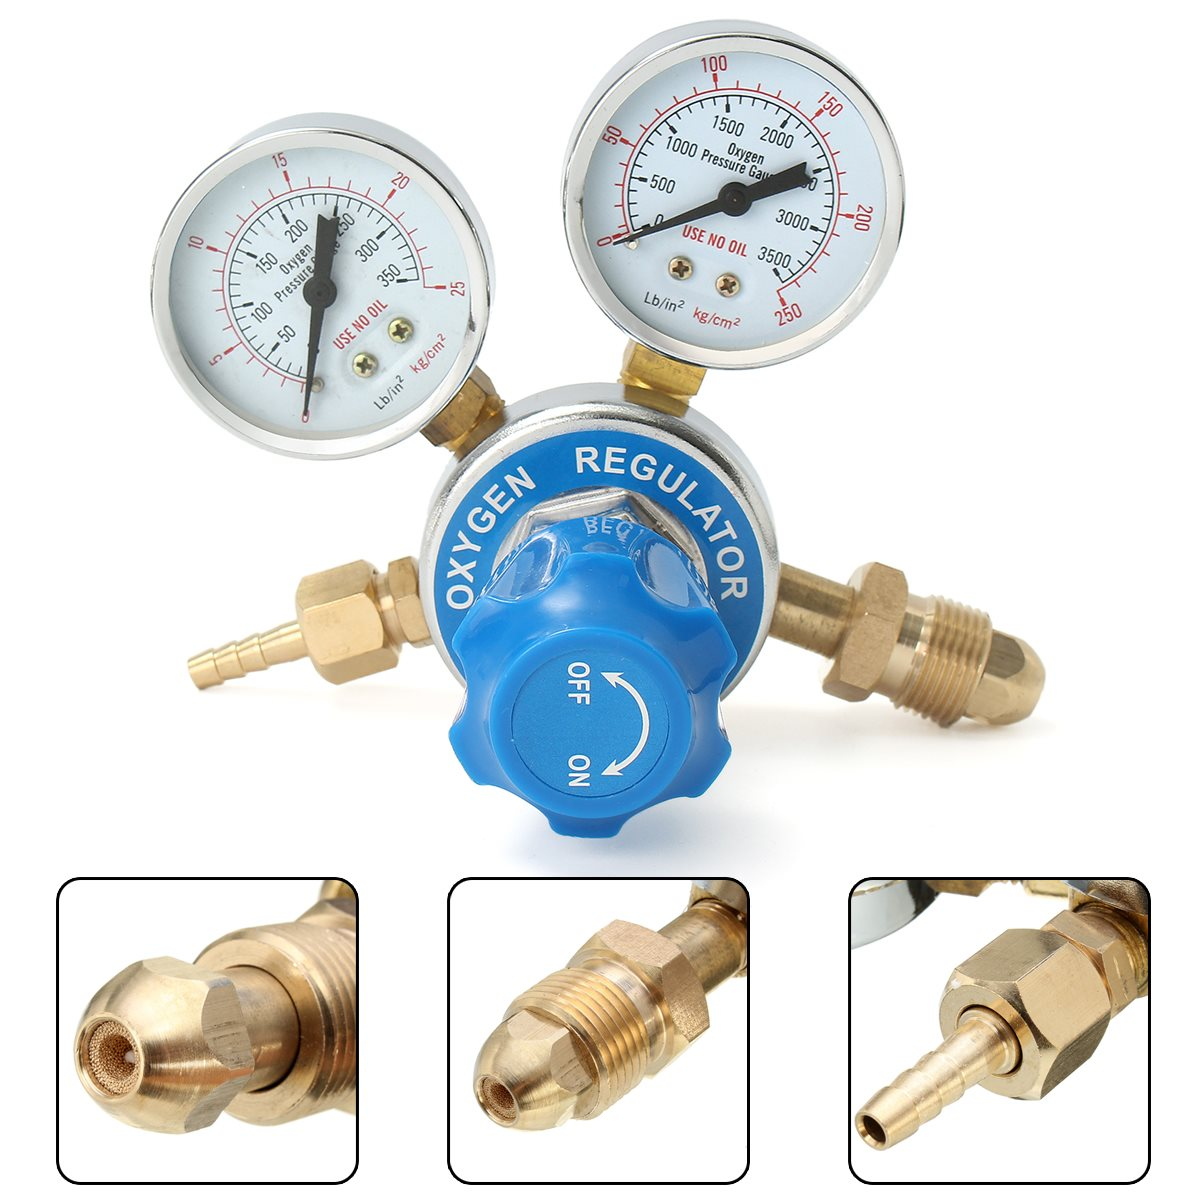 Gas Reducing Valve Pressure Reducer Solid Brass Oxygen Regulator Welding Torch Cutting